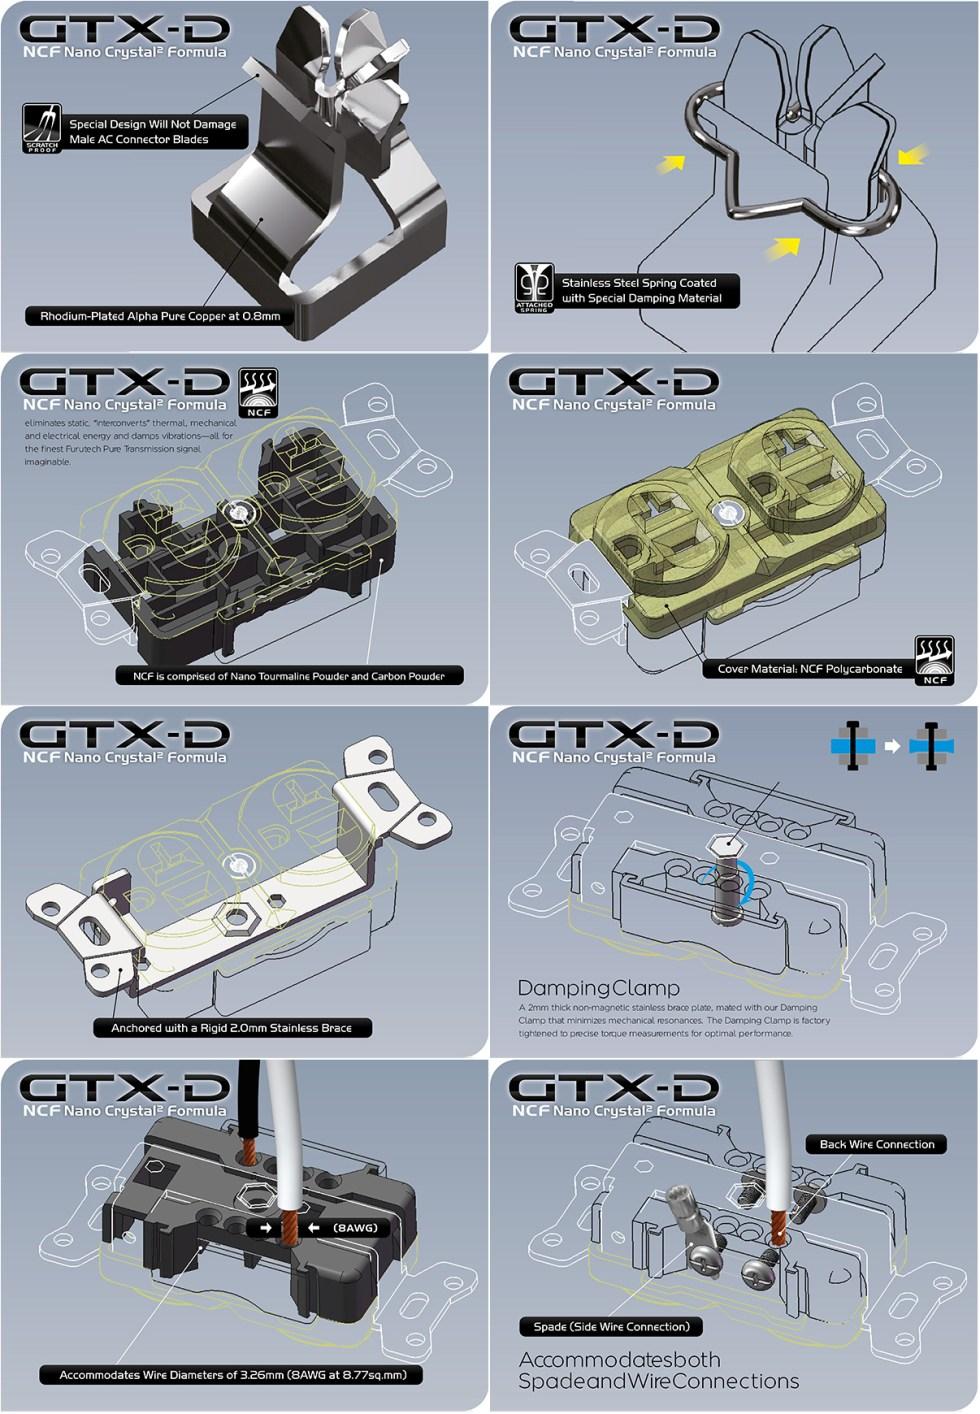 gtx-d-pic-all